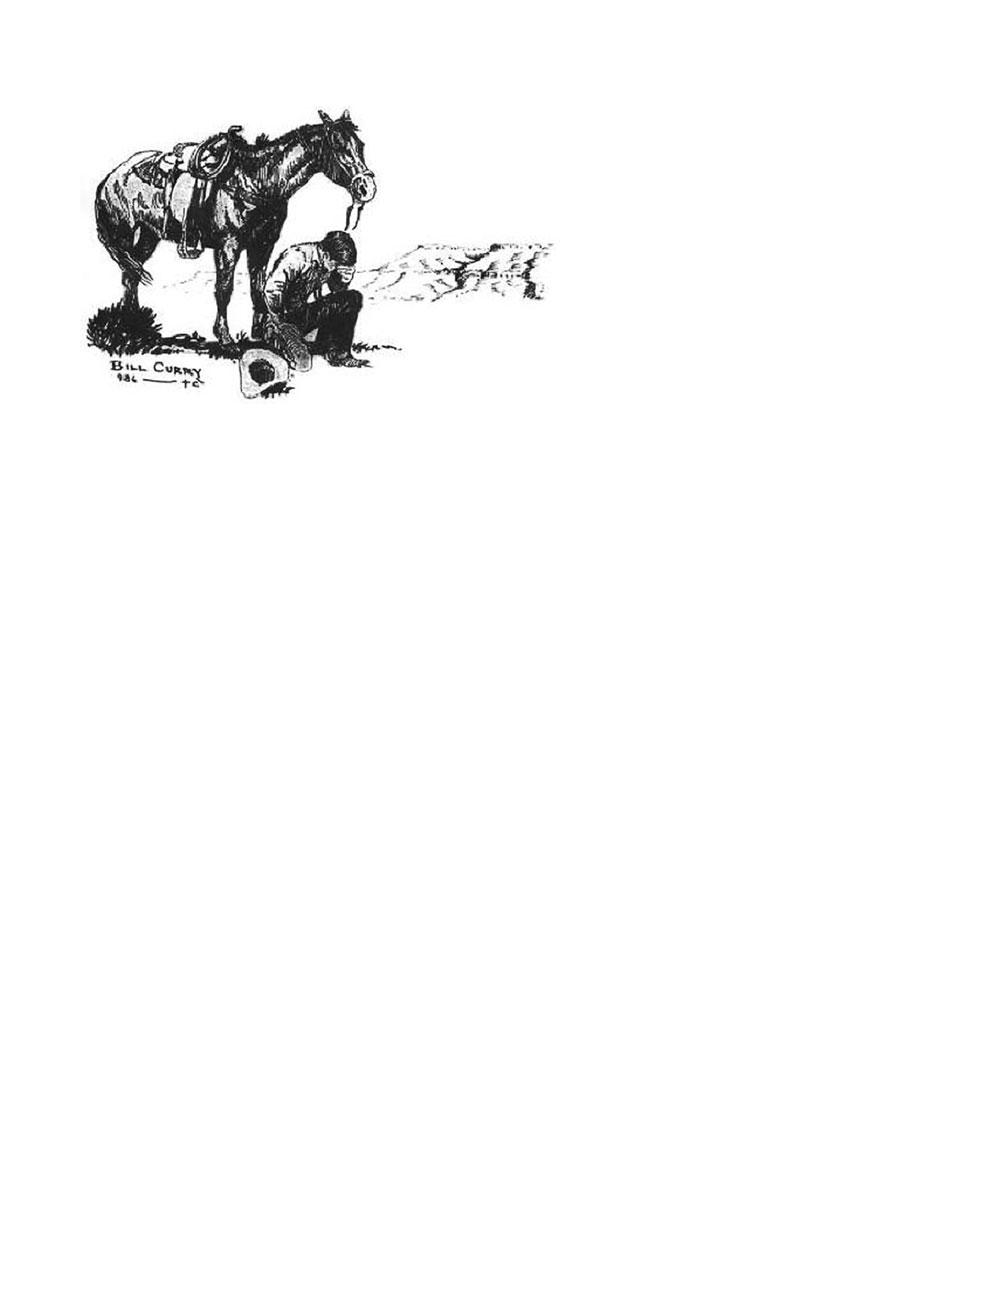 Praying-Cowboy-Image-for-We